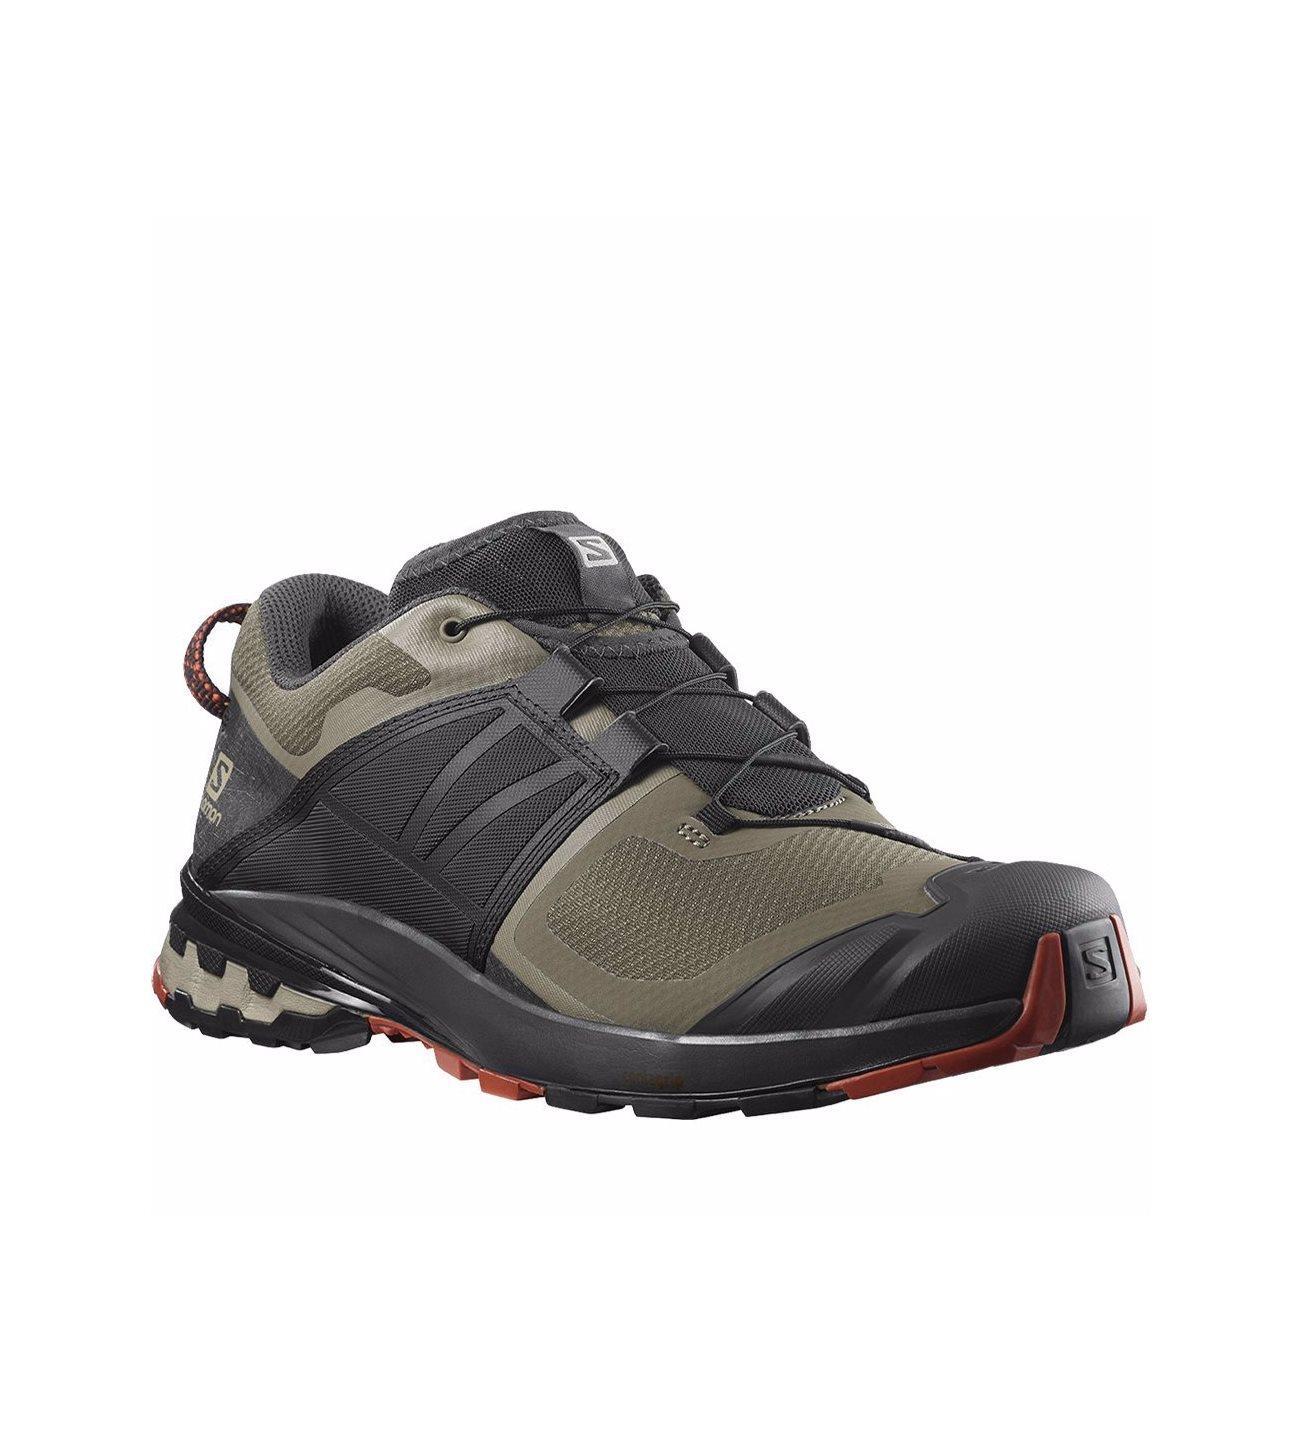 Salomon XA WILD Erkek Ayakkabısı L41270500